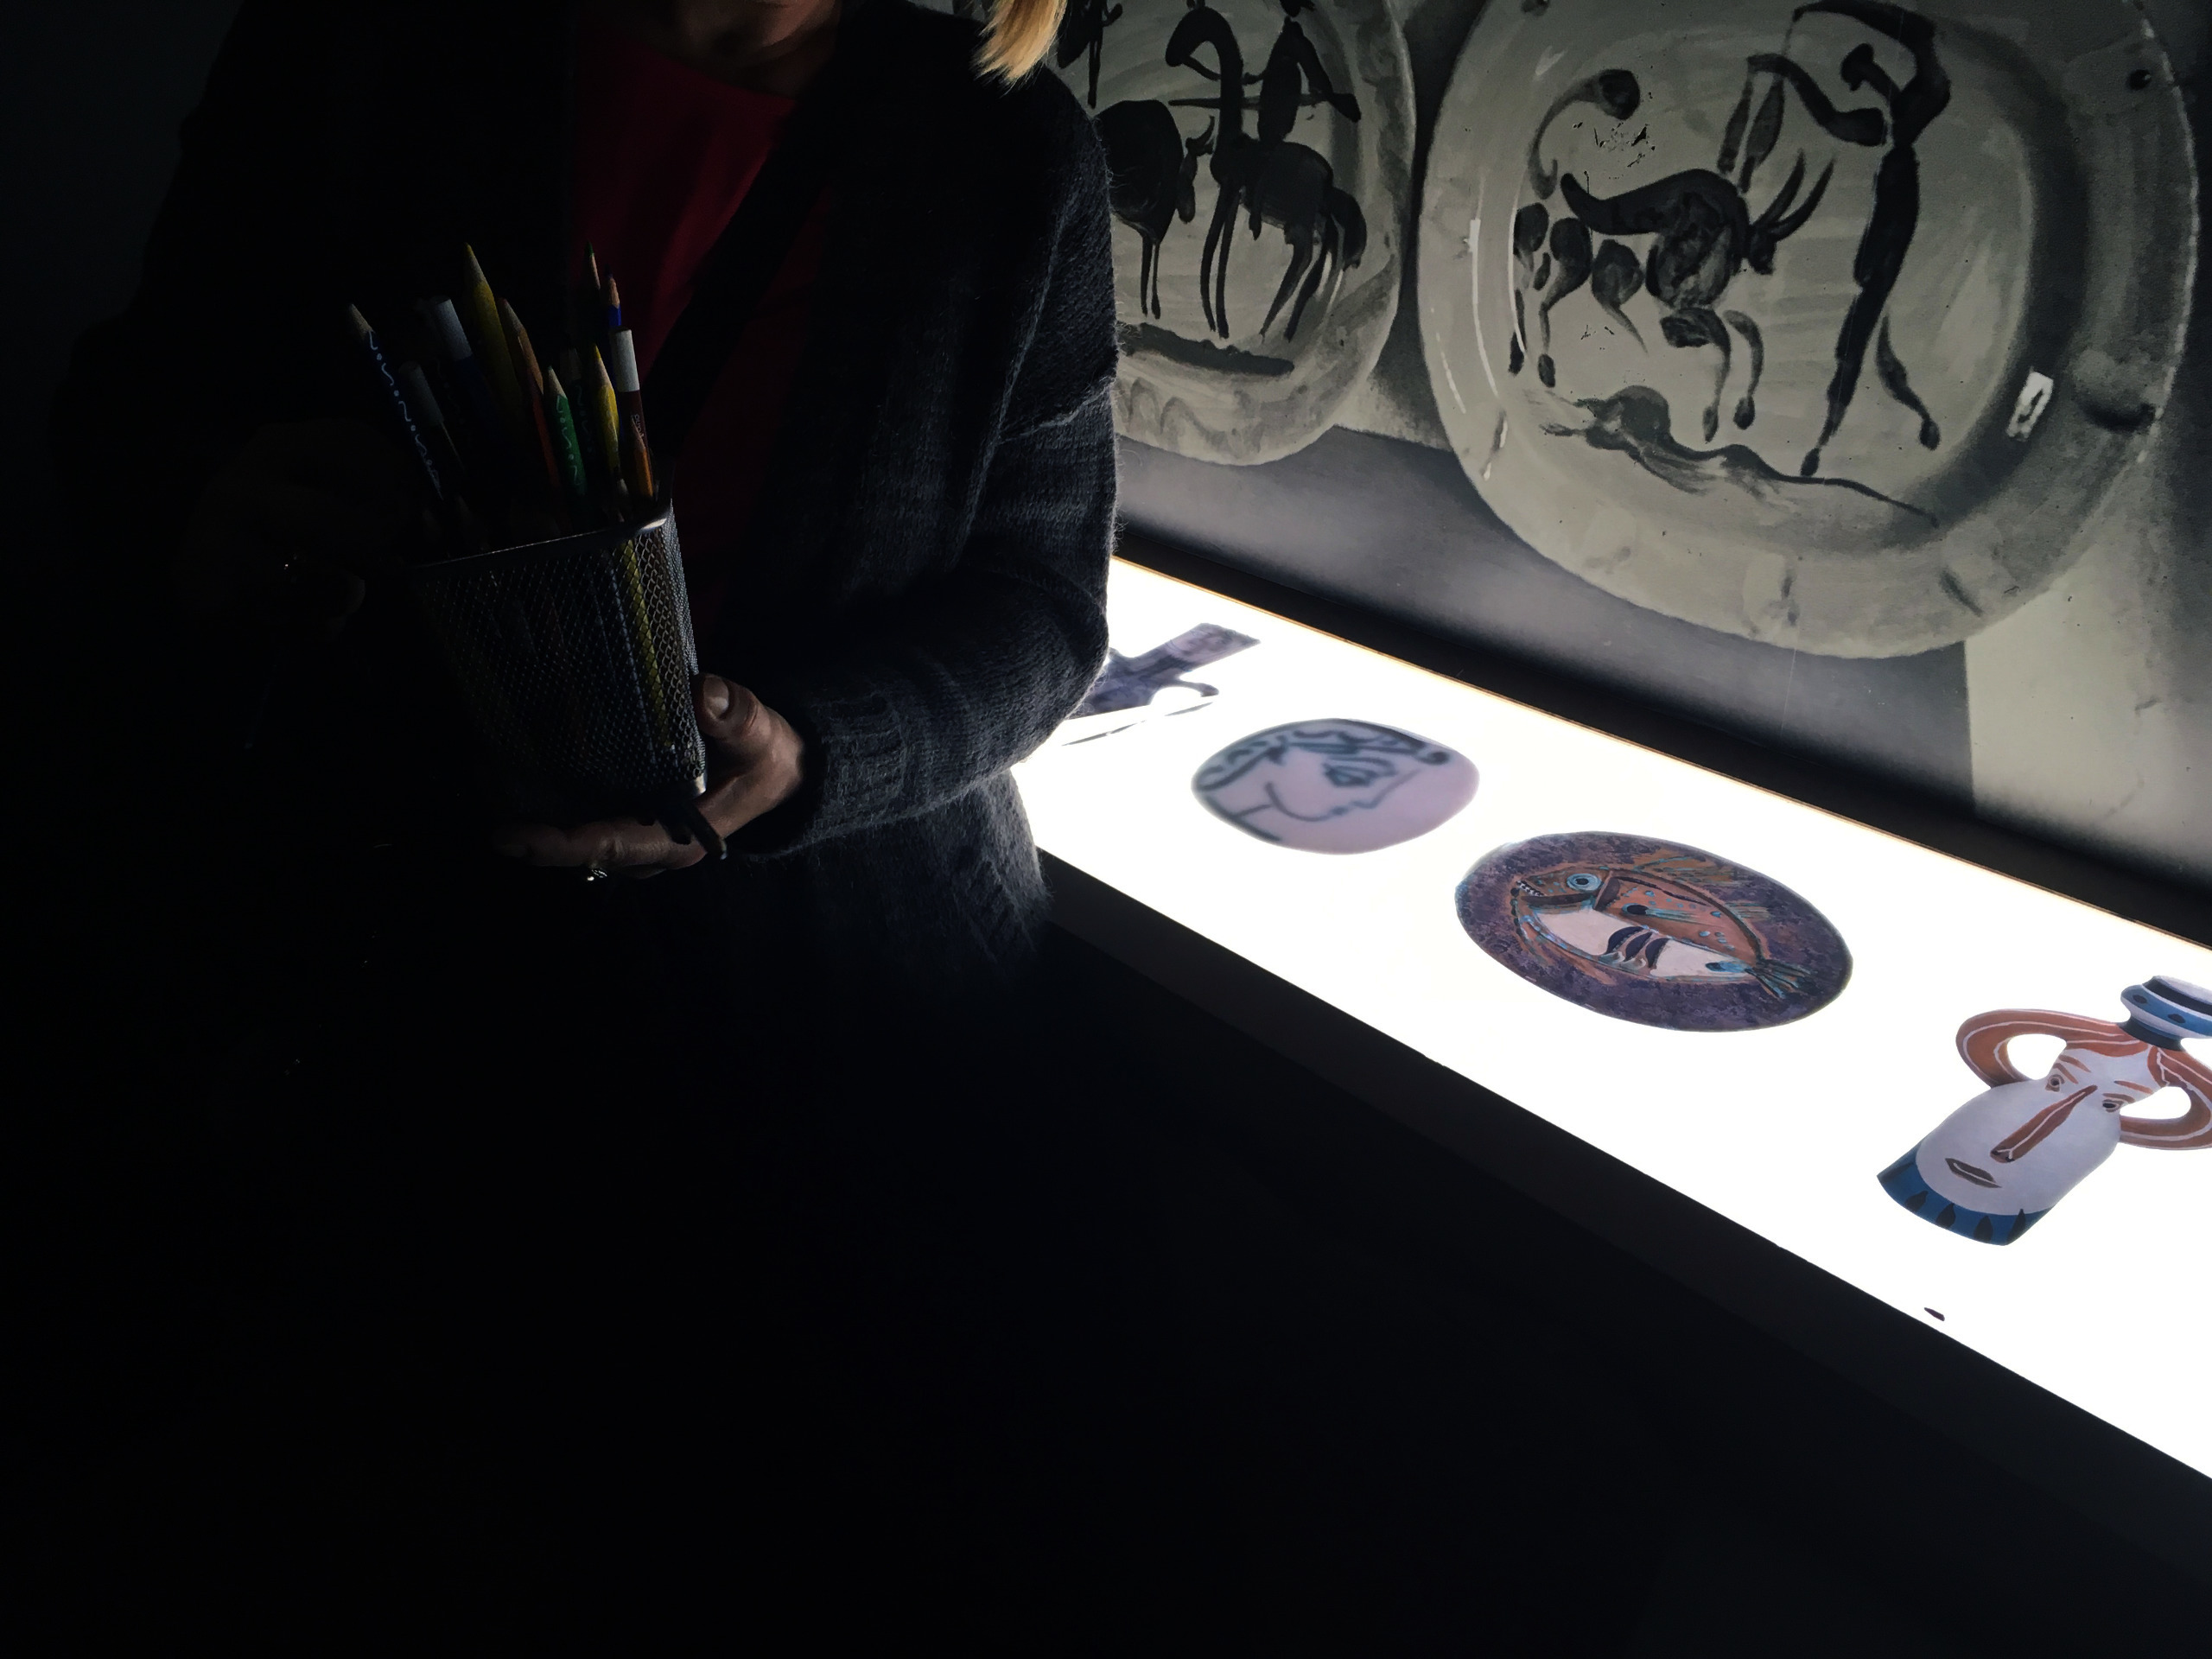 Zdjęcie jest mocno zaciemnione, widzimy dłoń trzymającą kubek z kredkami, w tle mocne światło.